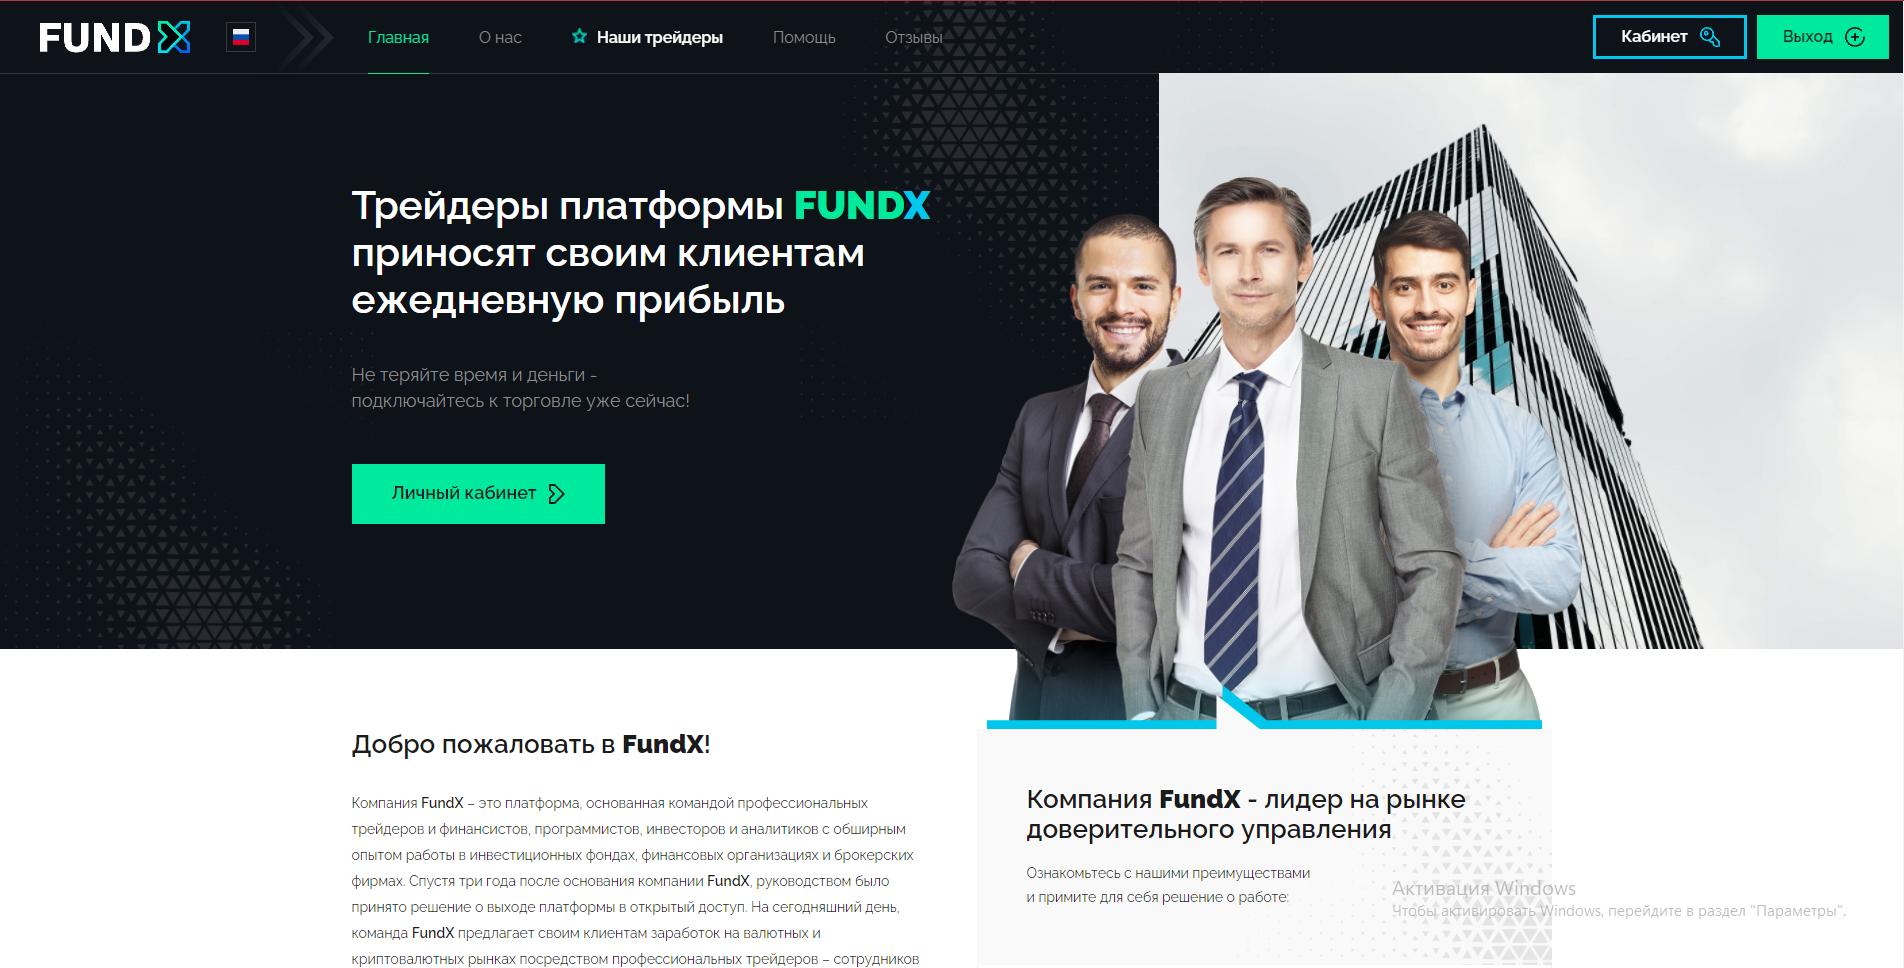 Fundx